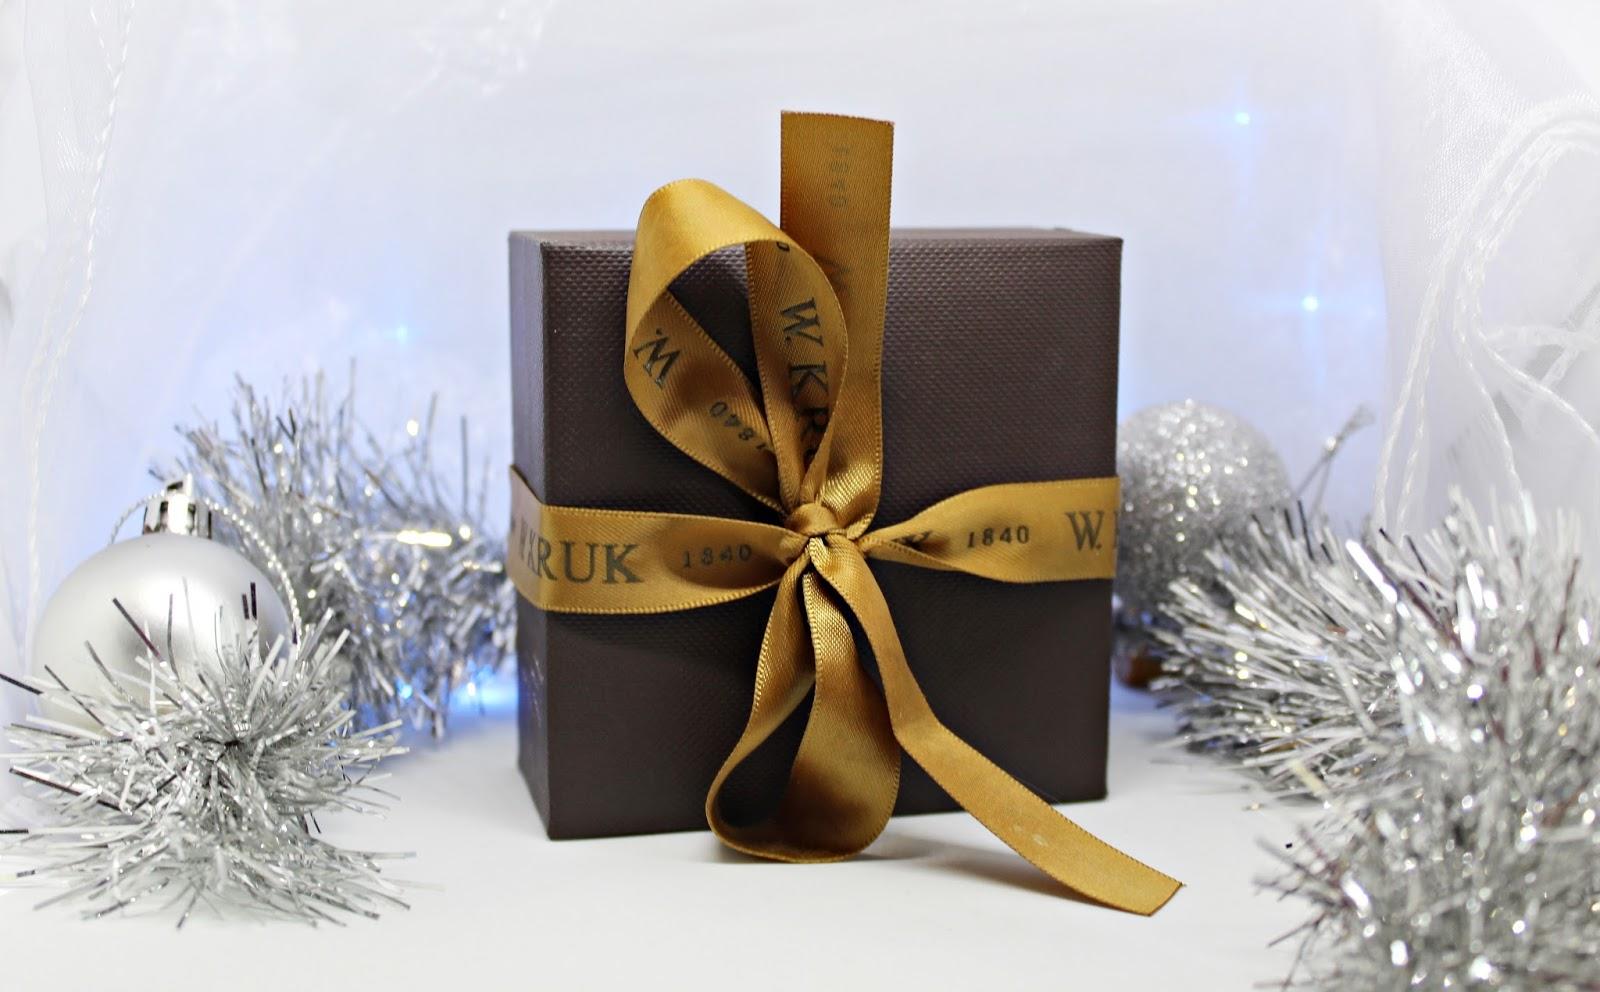 Idealny Prezent Bożonarodzeniowy dla niej - W.KRUK | Zuzka Pisze